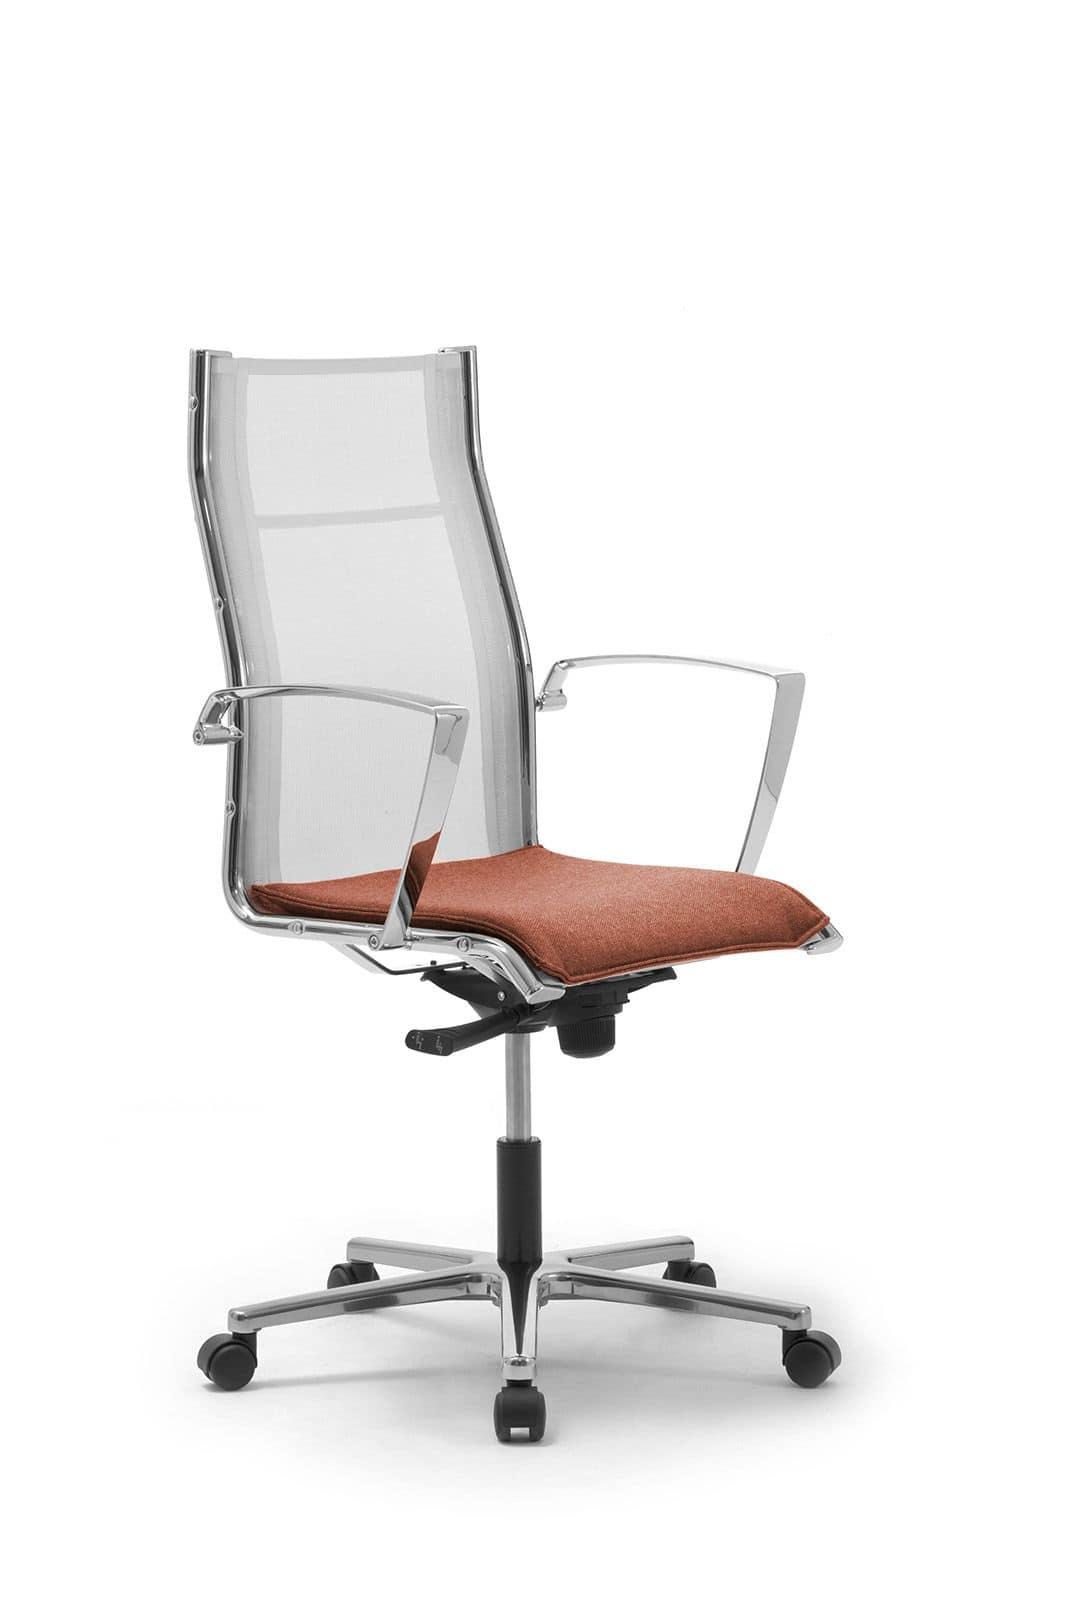 Seduta direzionale con schienale in rete idfdesign for Amazon sedie ufficio